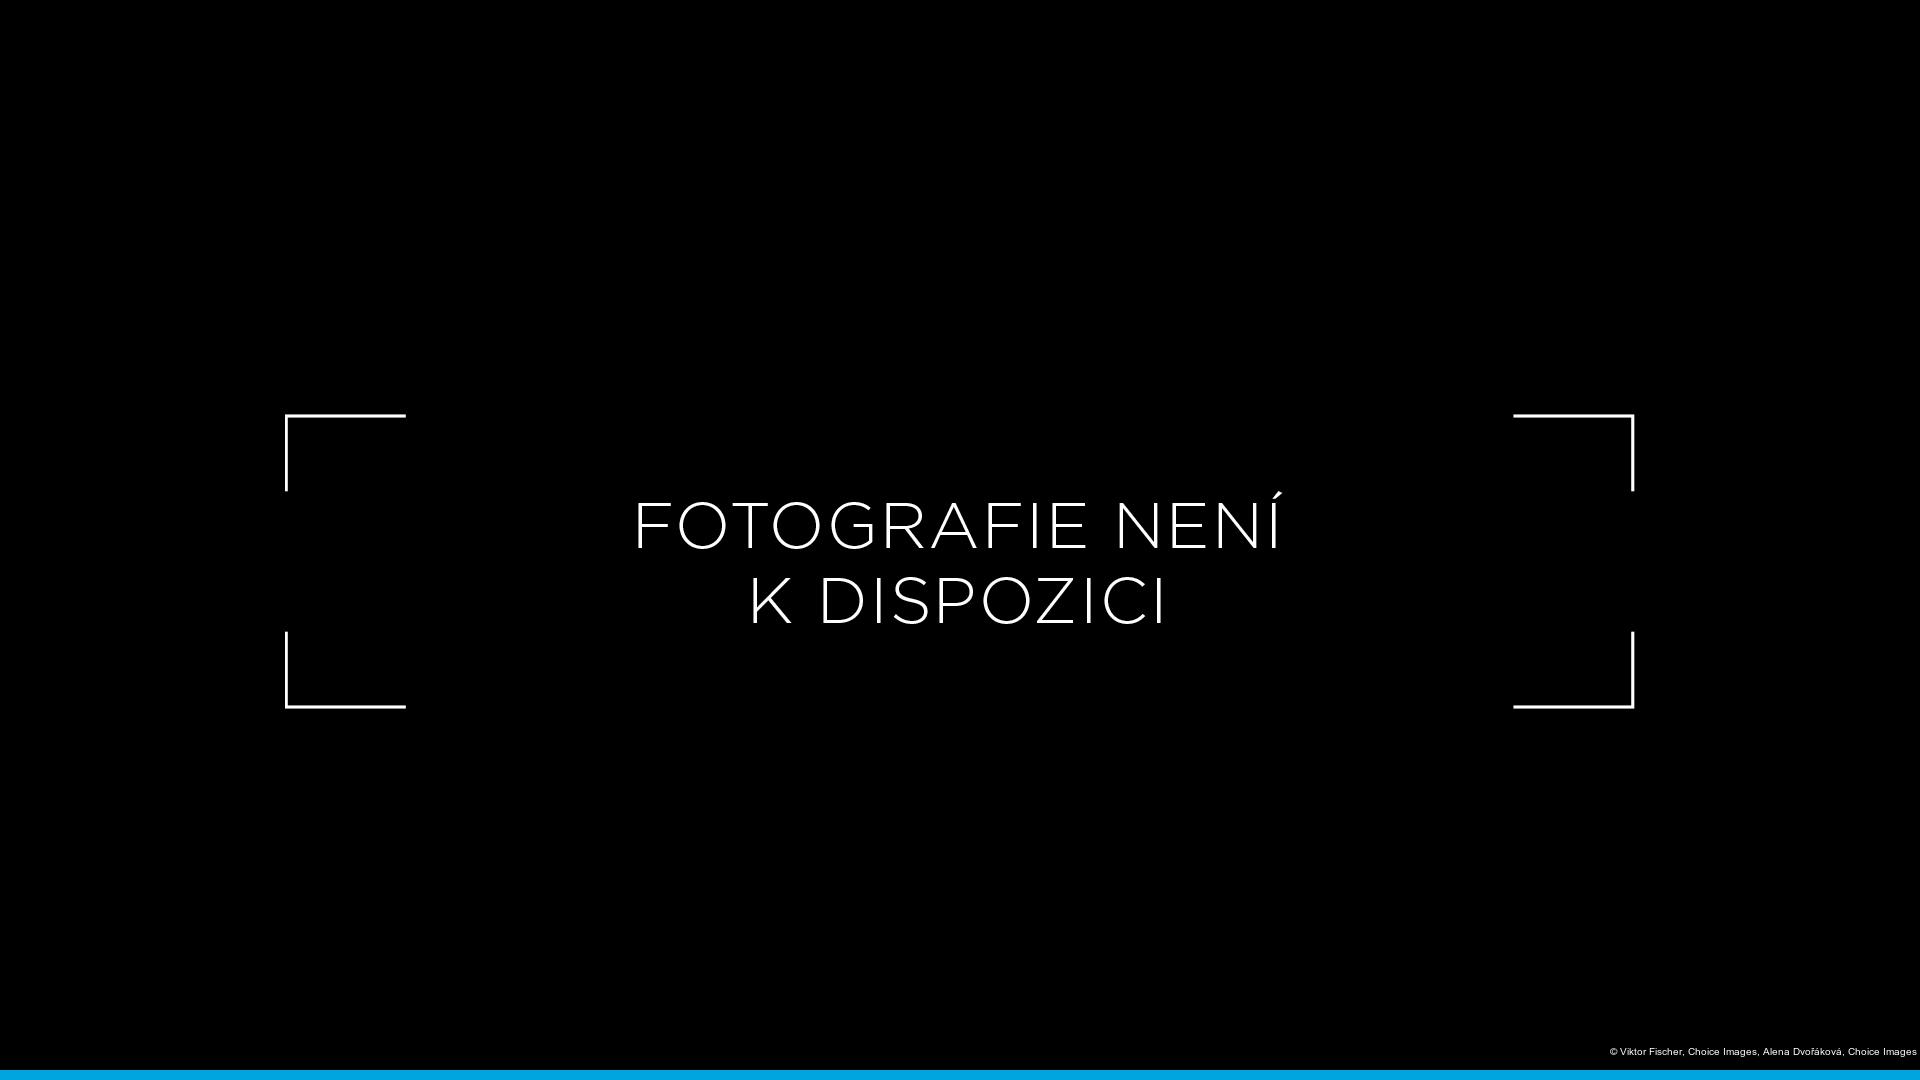 Viktor Fischer, Choice Images, Alena Dvořáková, Choice Images